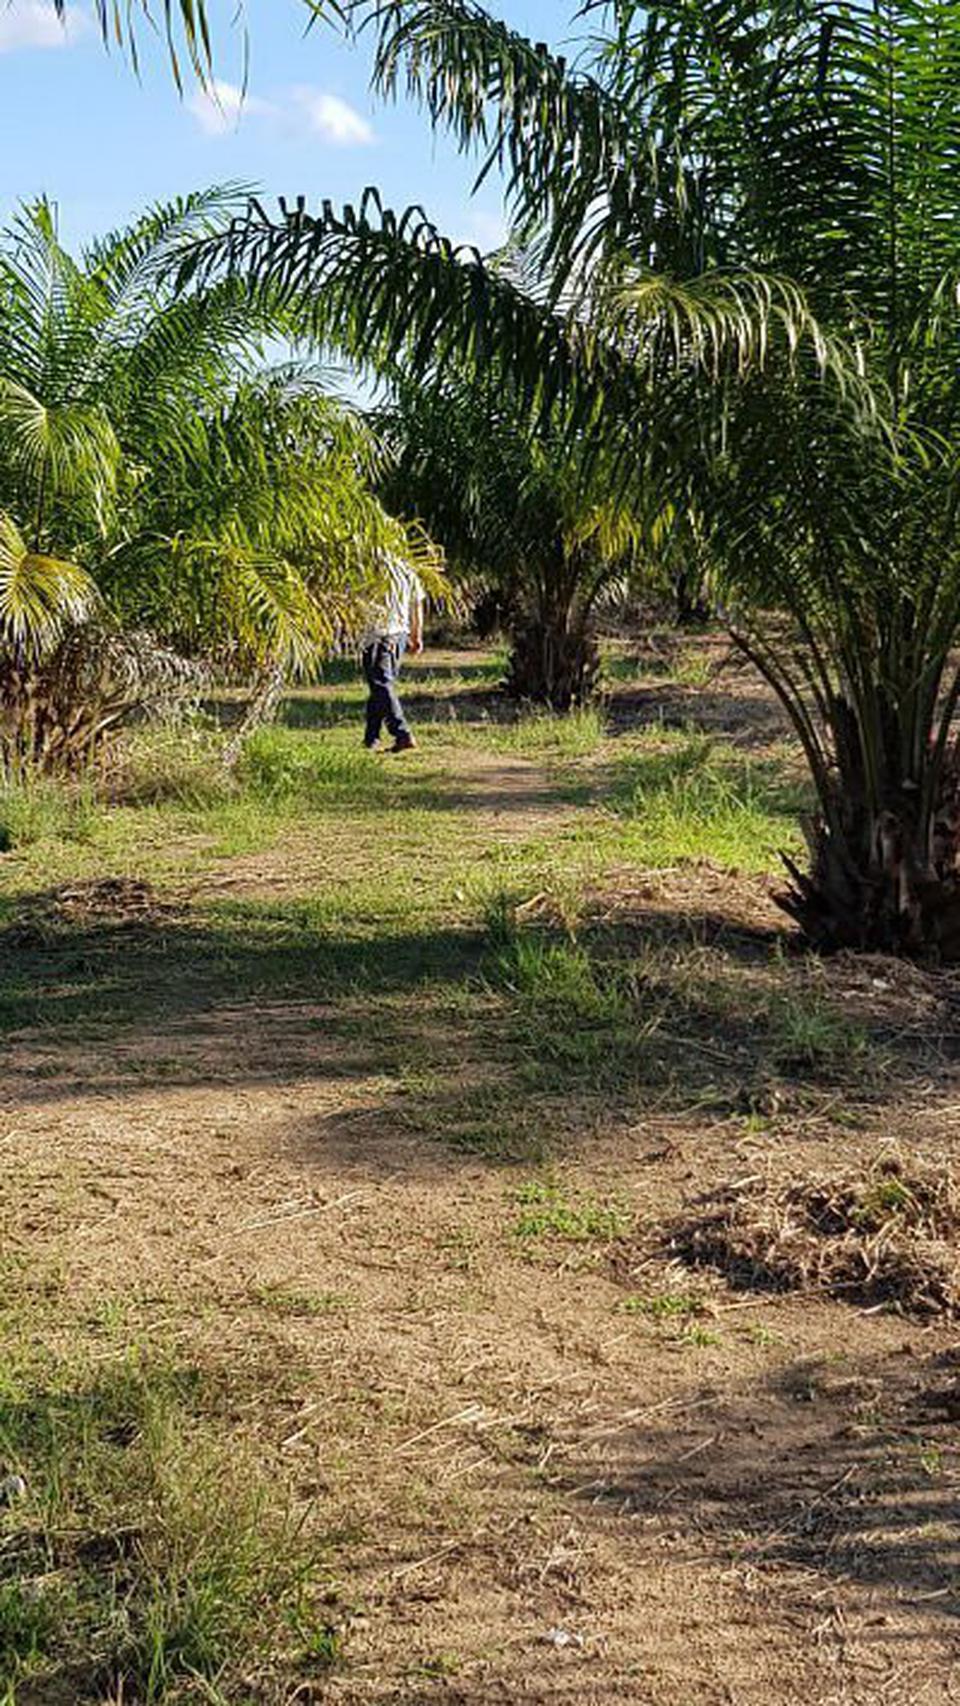 ขายสวนปาล์ม อายุ 5 ปีพร้อมสวนเกษตรผสม ร่มรื่น รูปที่ 3